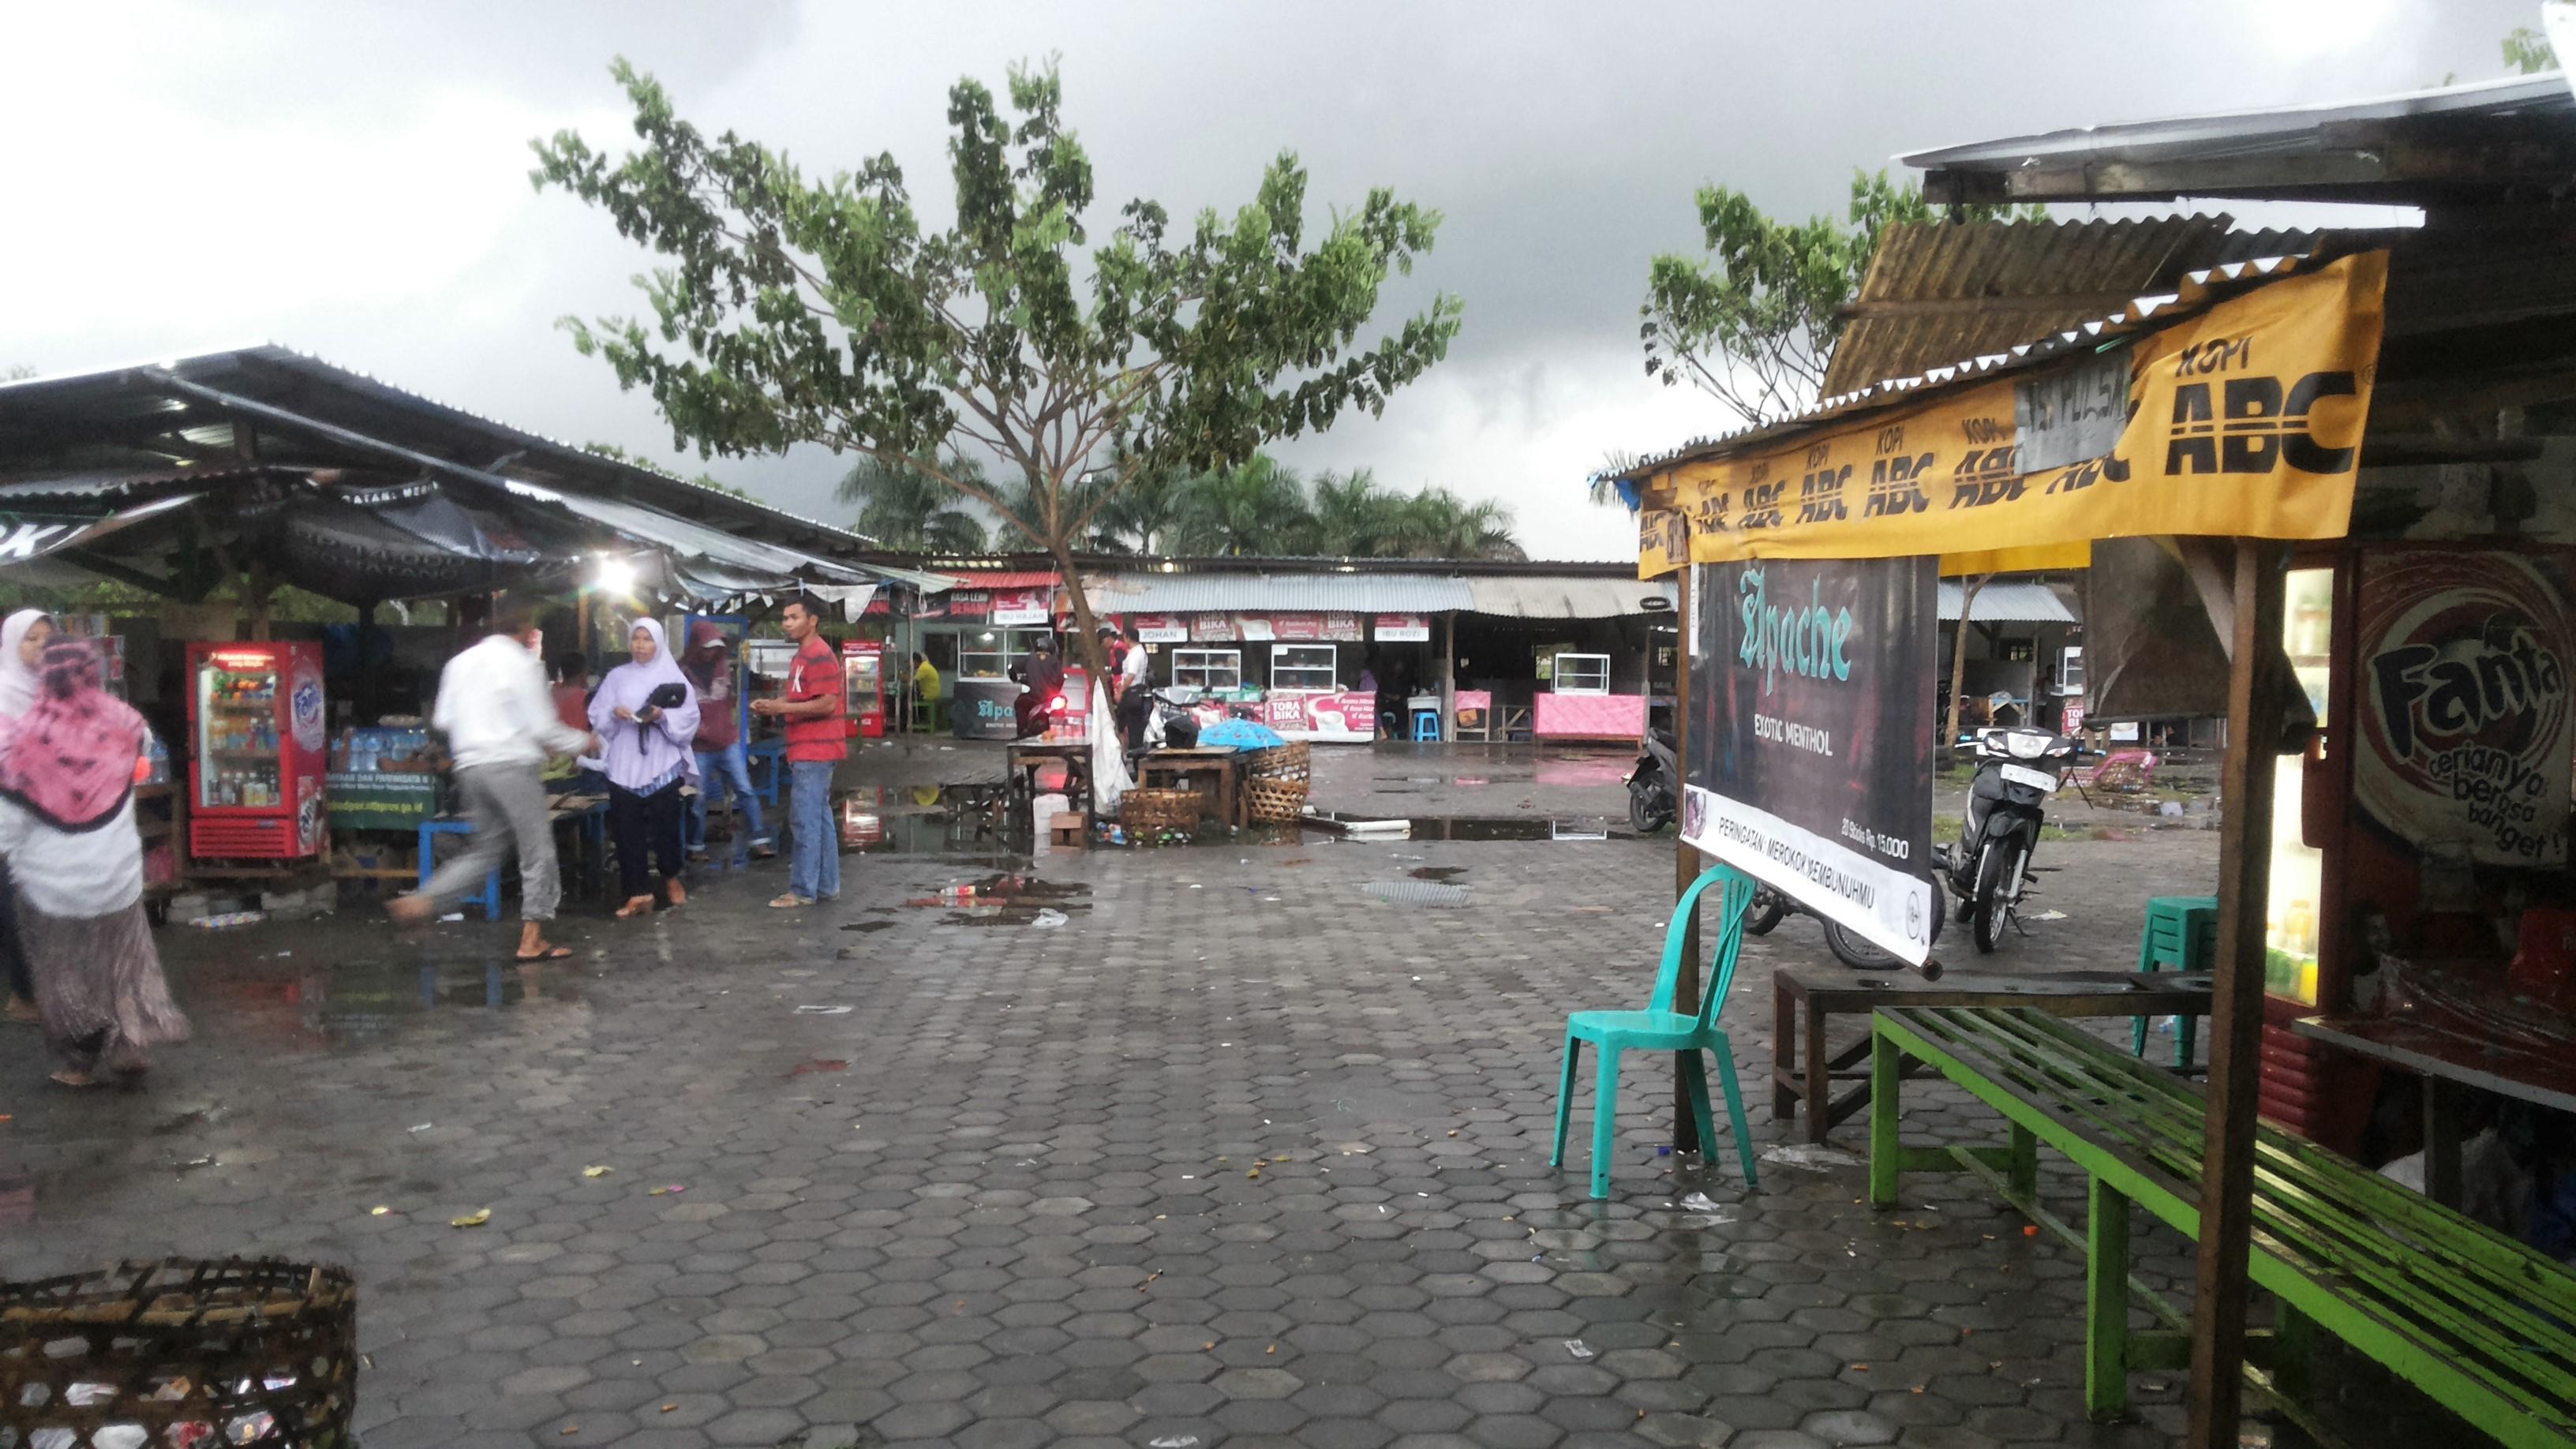 Beragam kios di pasar yang terletak di sekitar Bandara.  Sumber gambar: koleksi pribadi